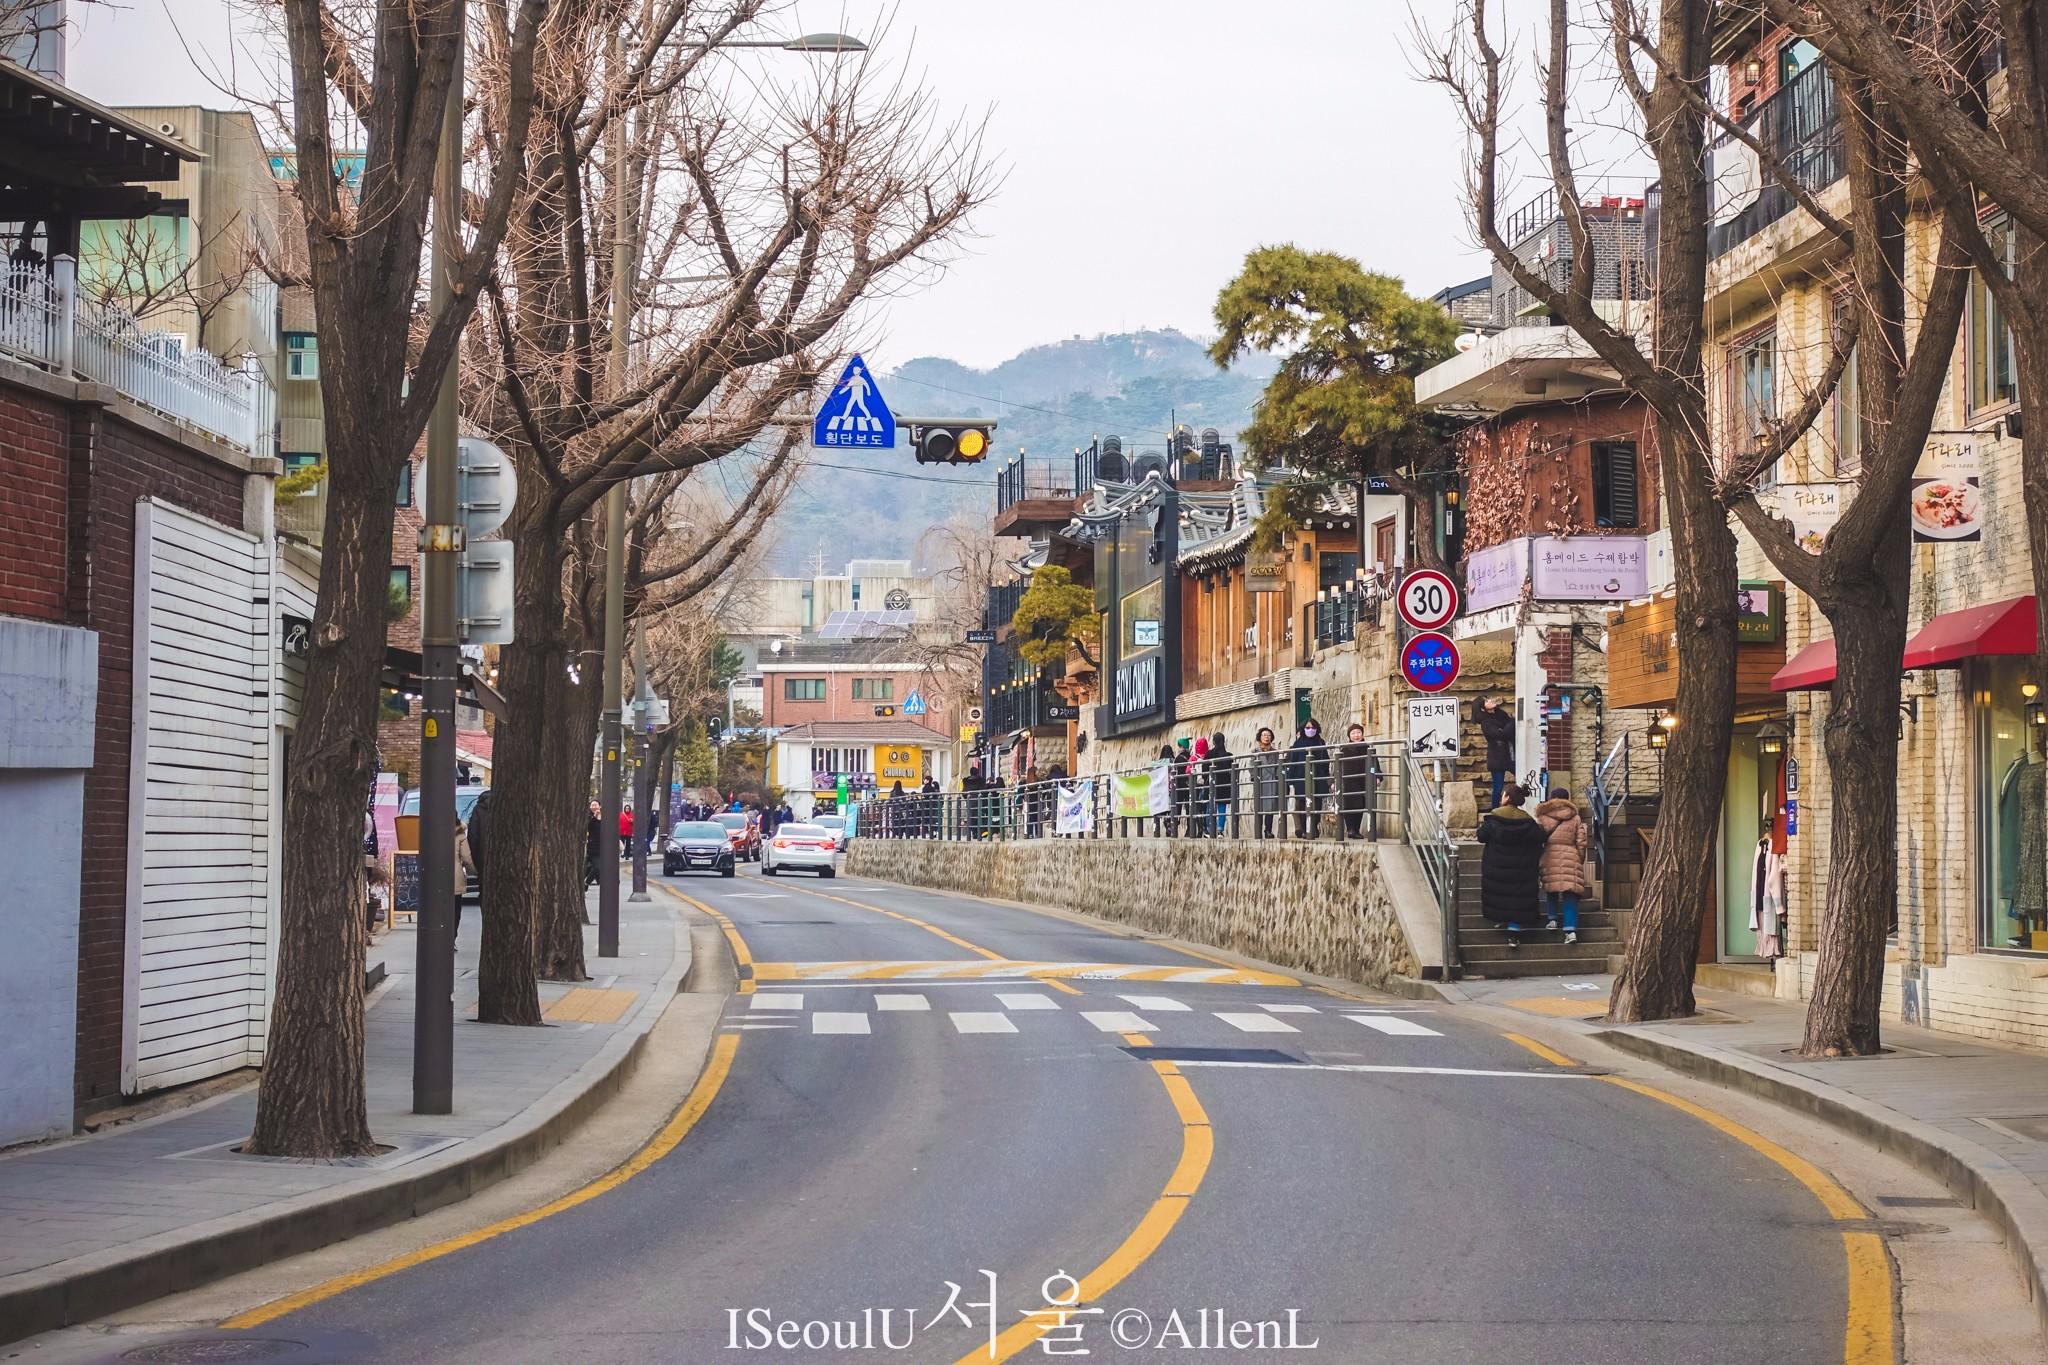 【首爾景點圖片】三清洞路